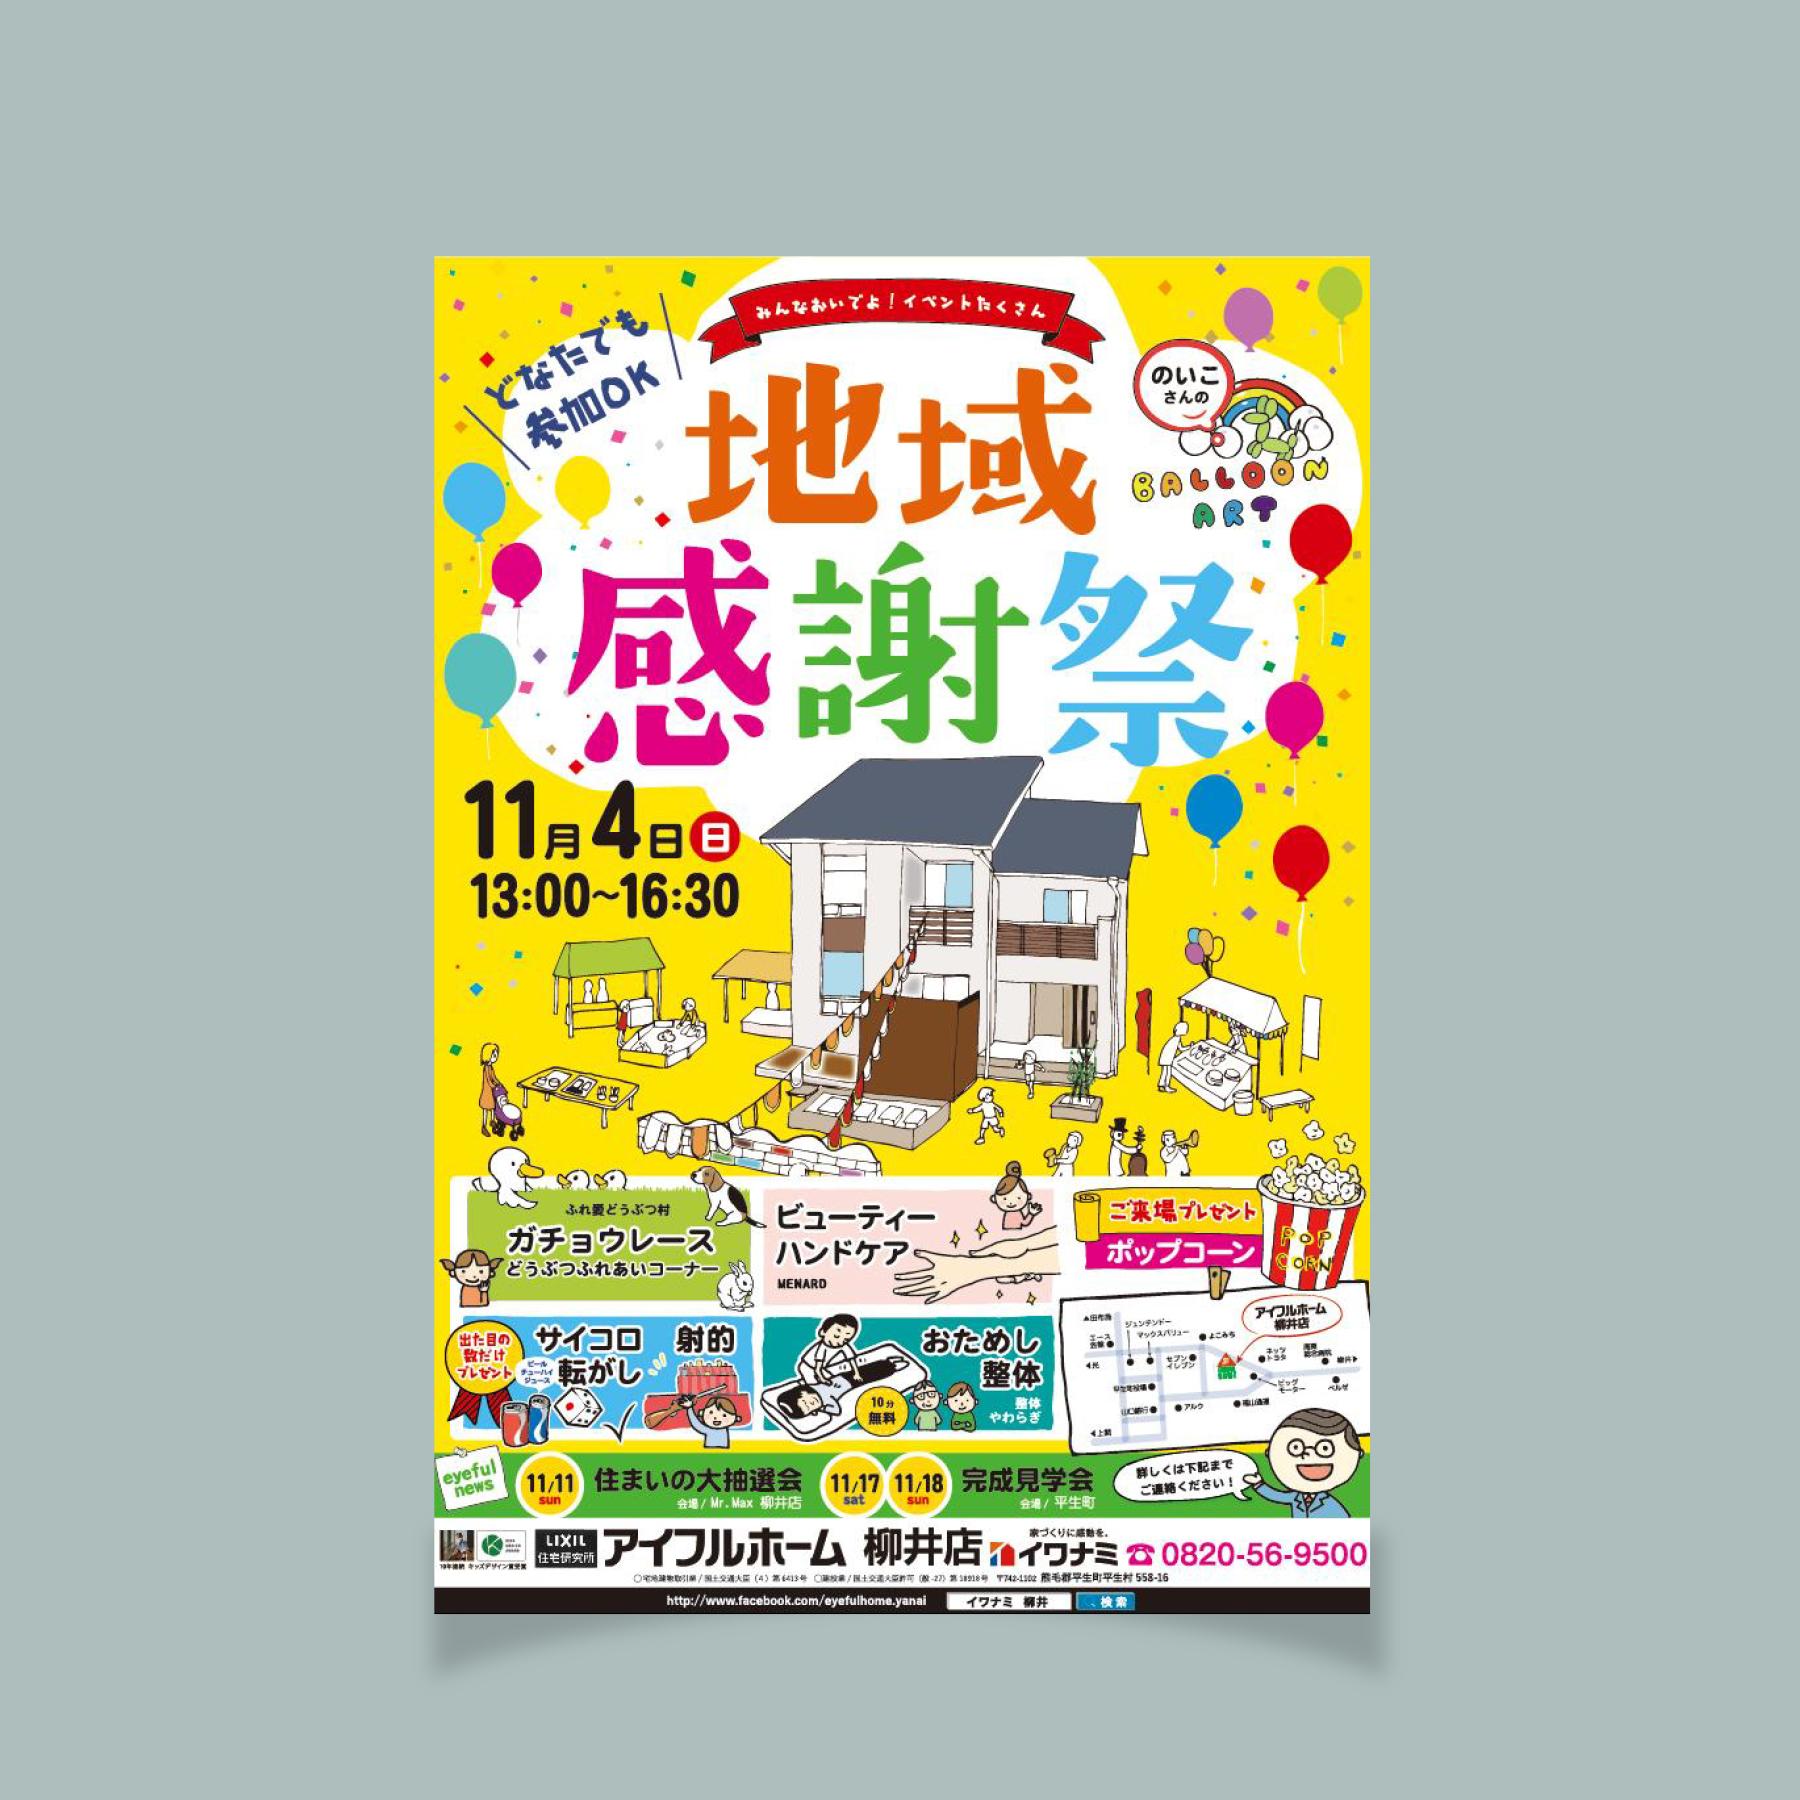 アイフルホーム柳井店さま 地域感謝祭チラシ